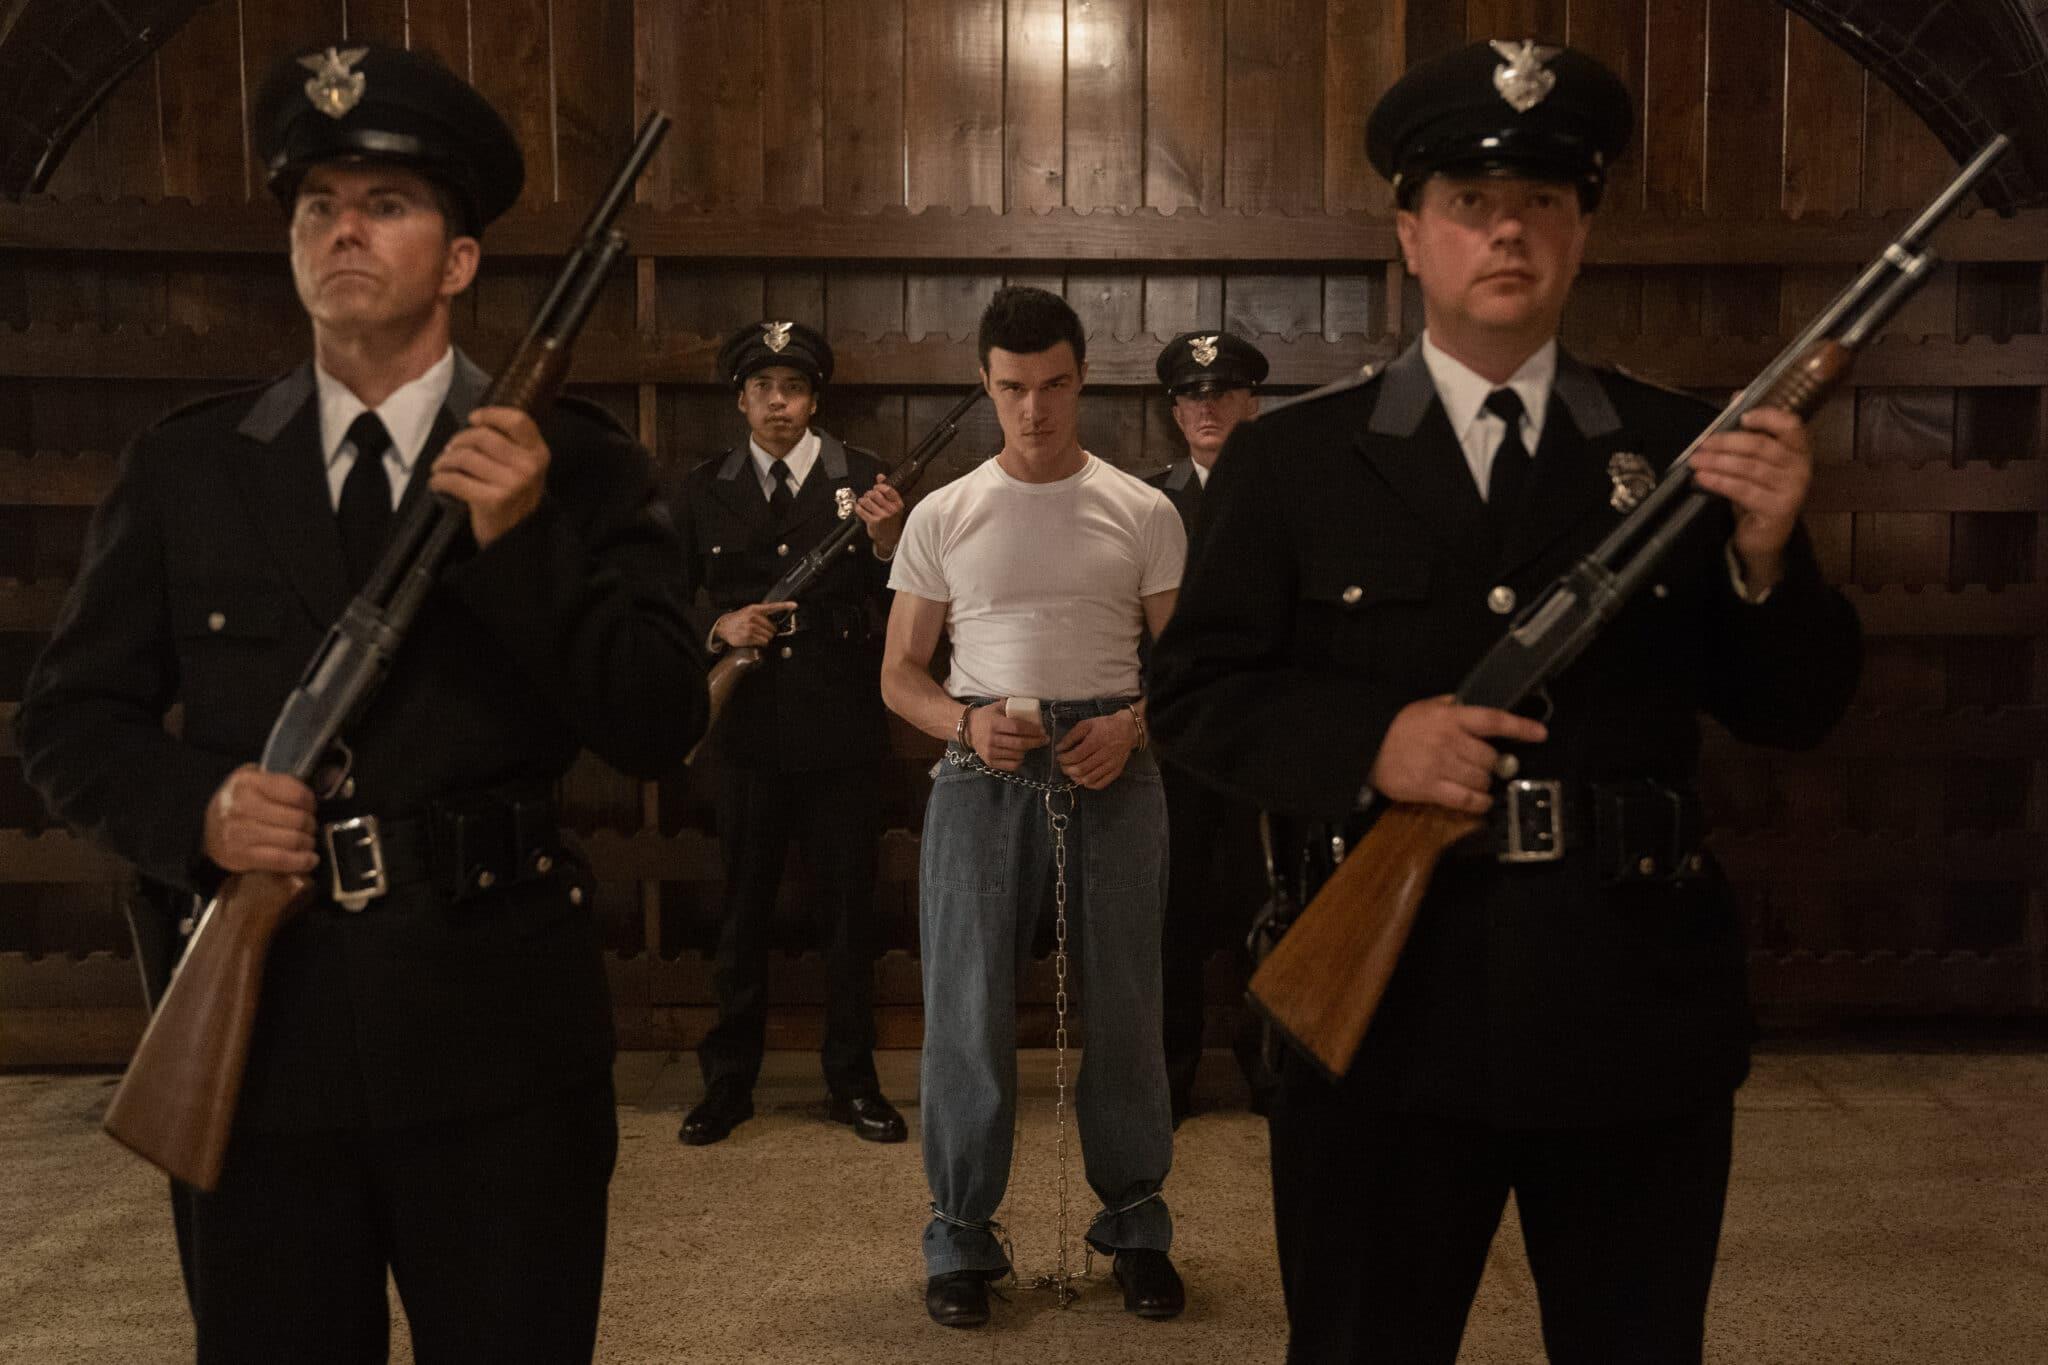 Vier Wachmänner umstellen Edmund Tolleson (Finn Wittrock) mit erhobenen Flinten in einer Scheune. Der Gefangene ist an Händen und Füßen gefesselt.